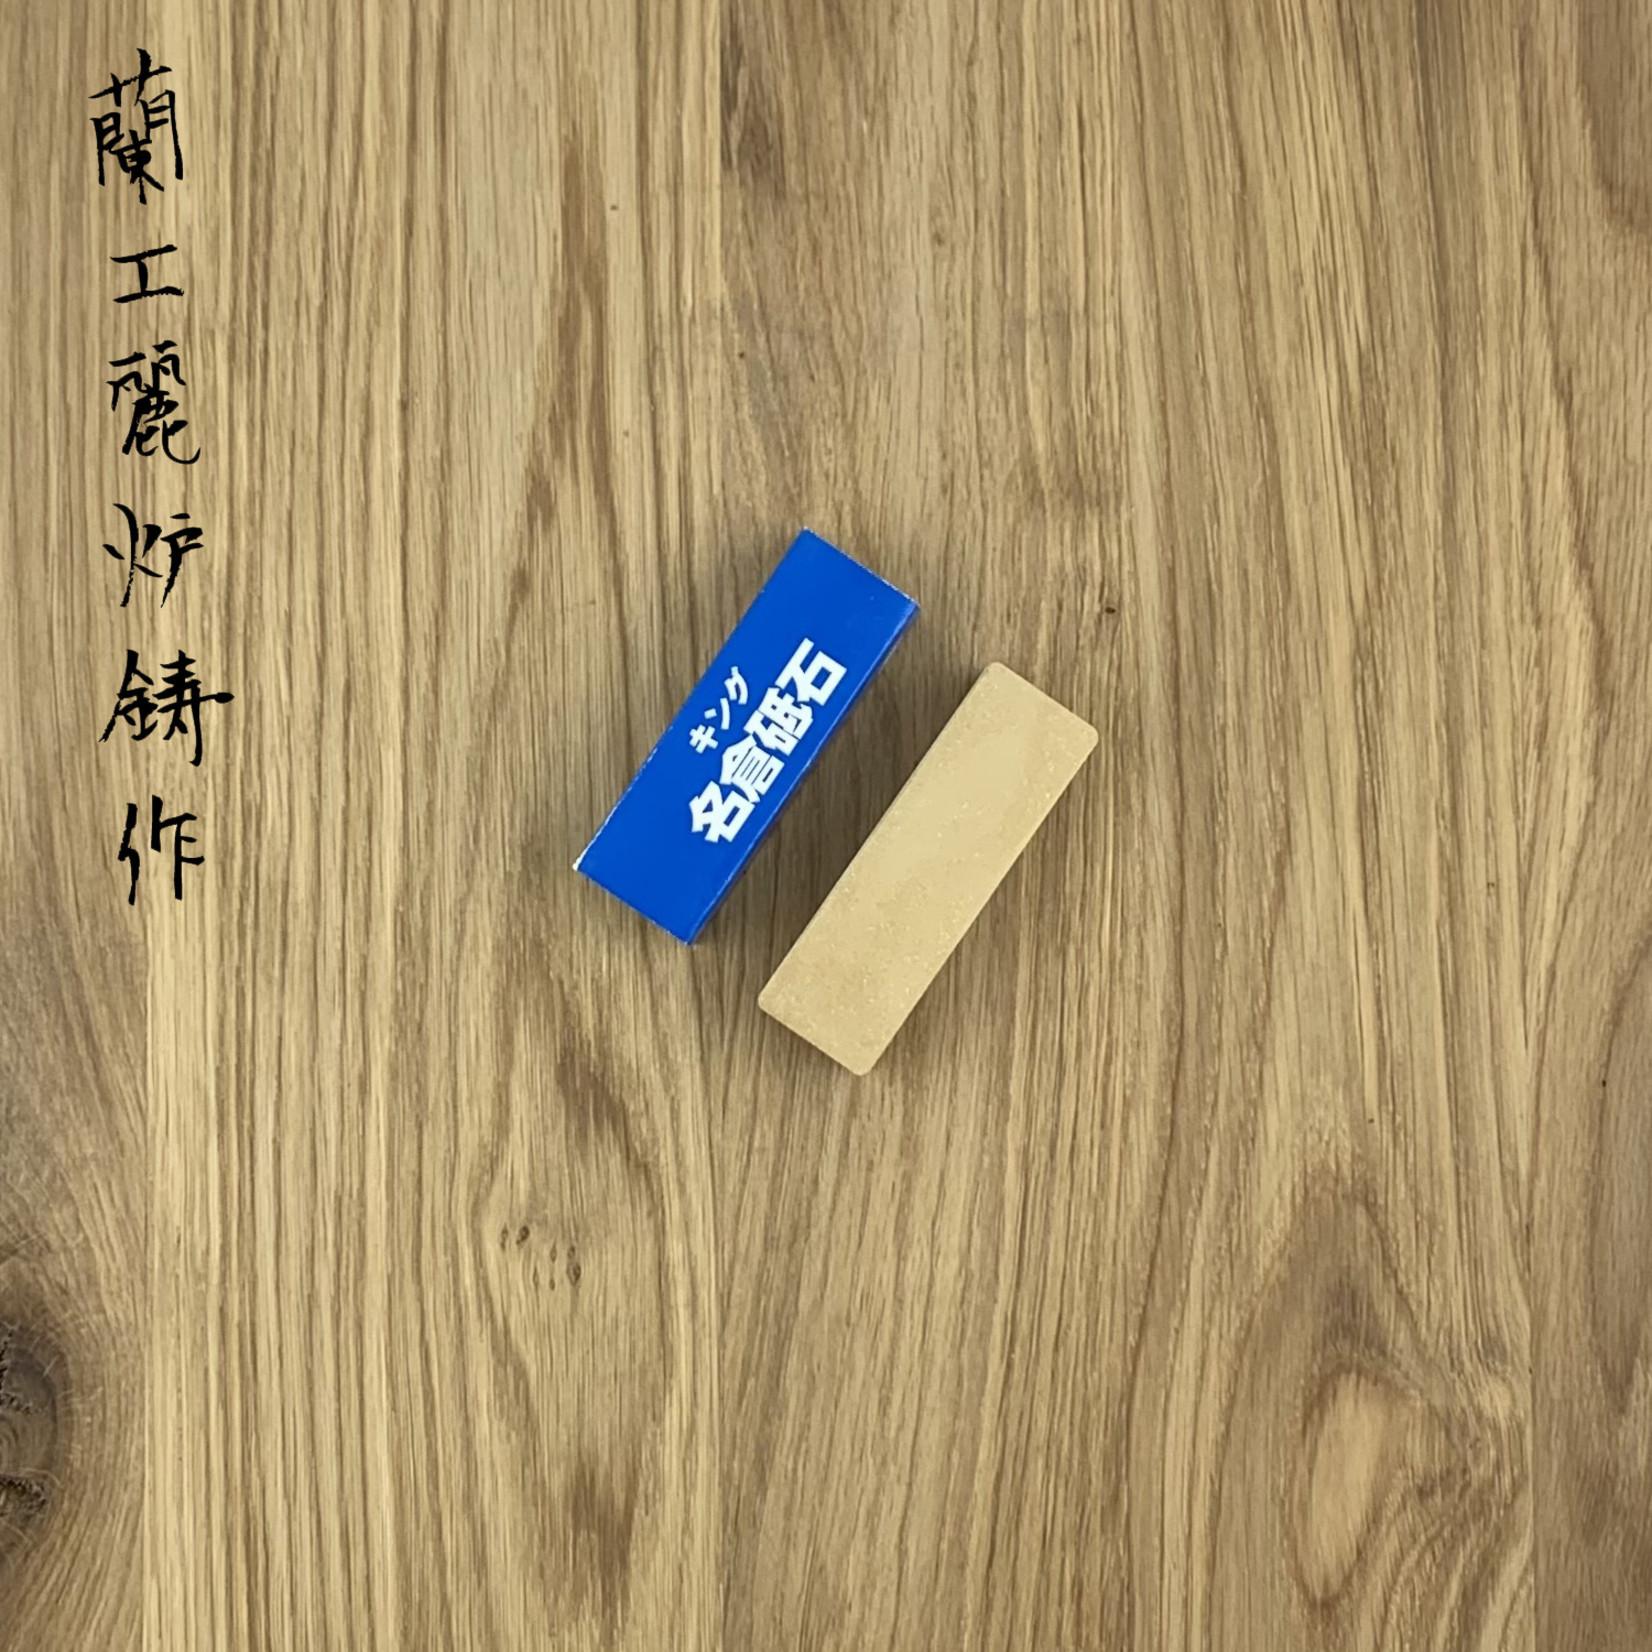 SAKAI TAKAYUKI Nagura King Stone Fixer 22406